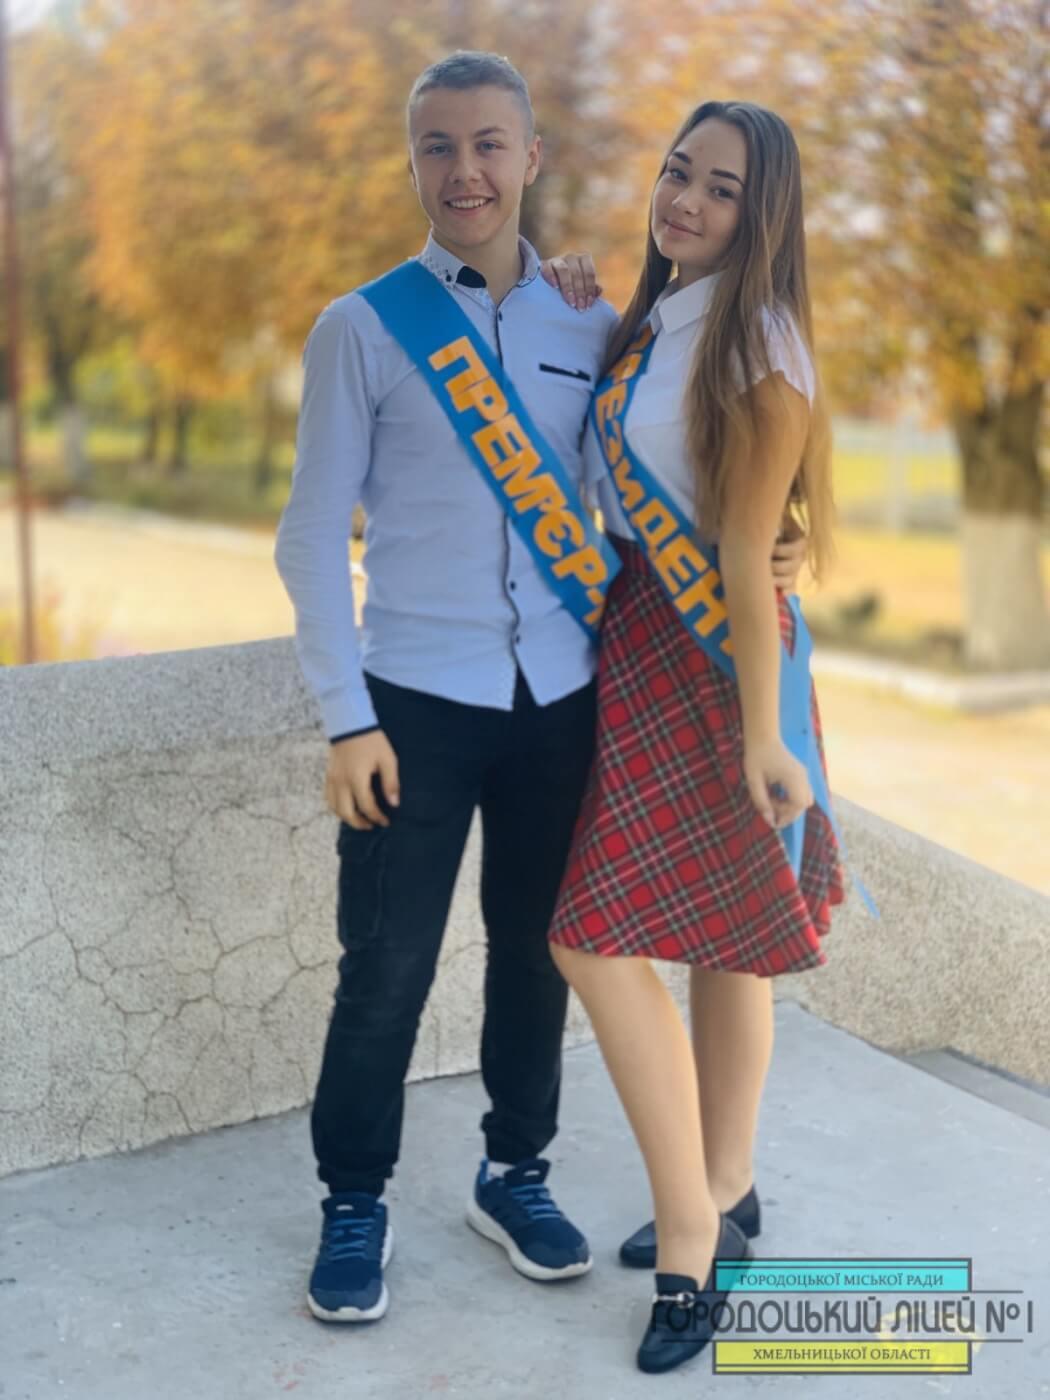 zobrazhennya viber 2019 10 07 15 12 36 - Інавгурація президента учнівського самоврядування